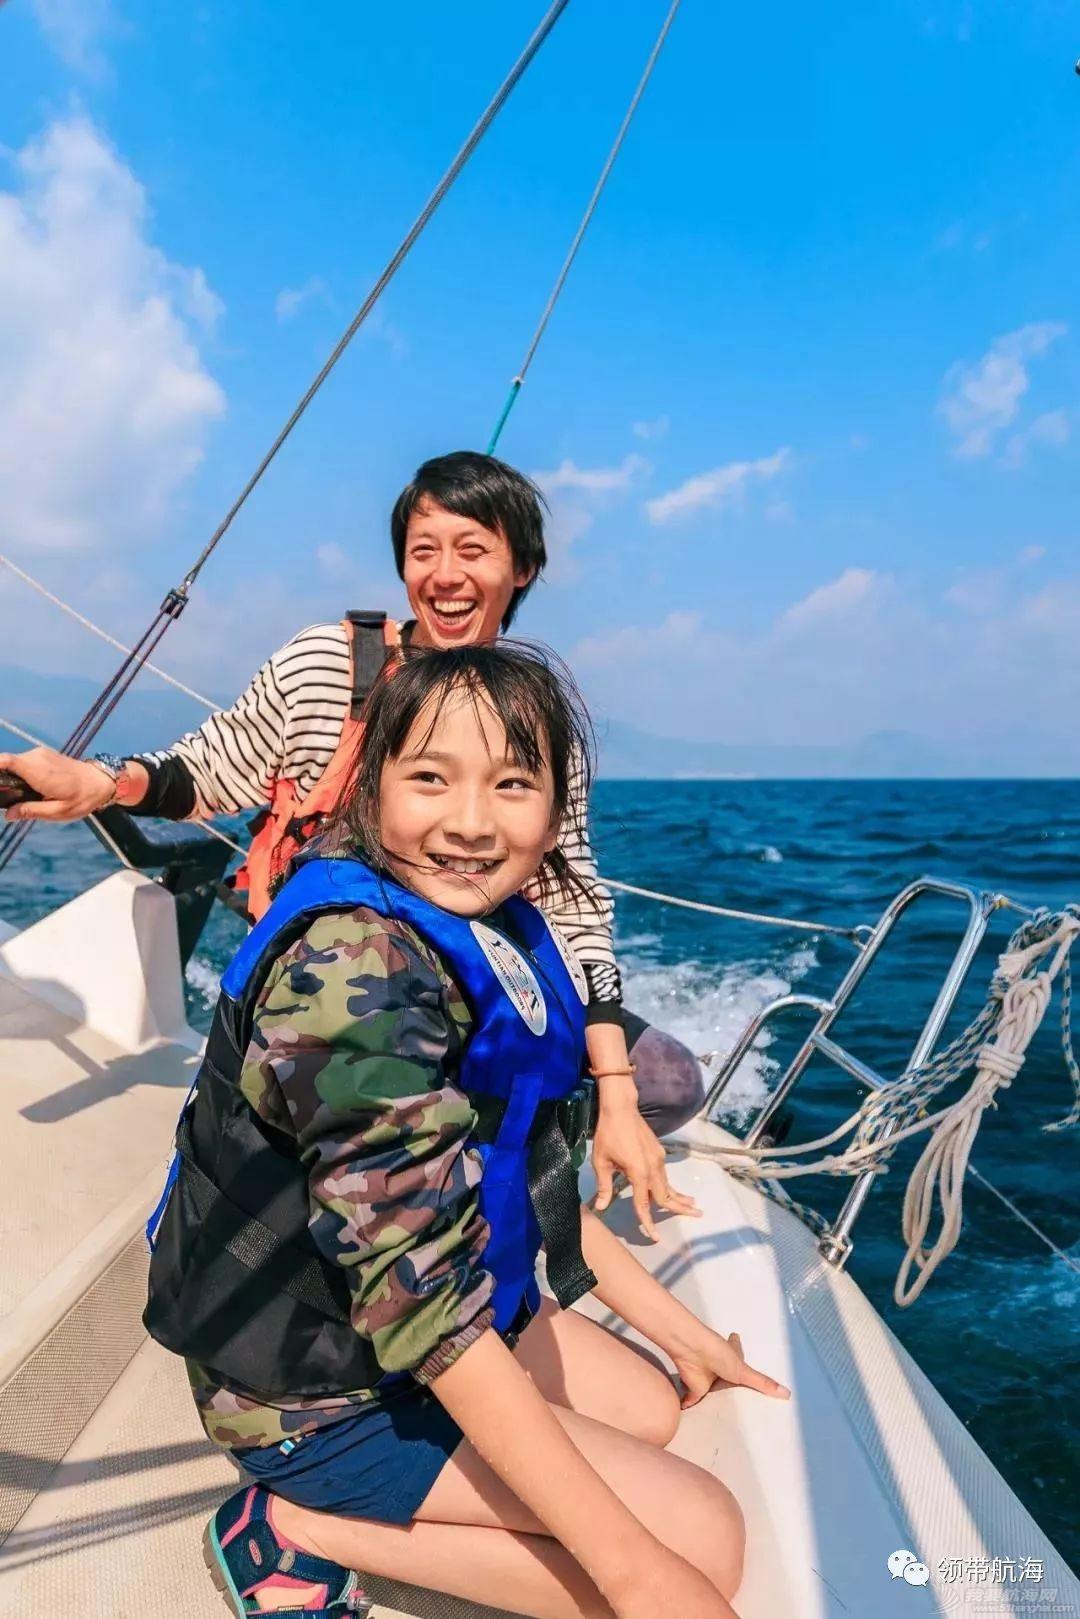 一张什么样的帆船证书 可以让你进入斯坦福大学w8.jpg